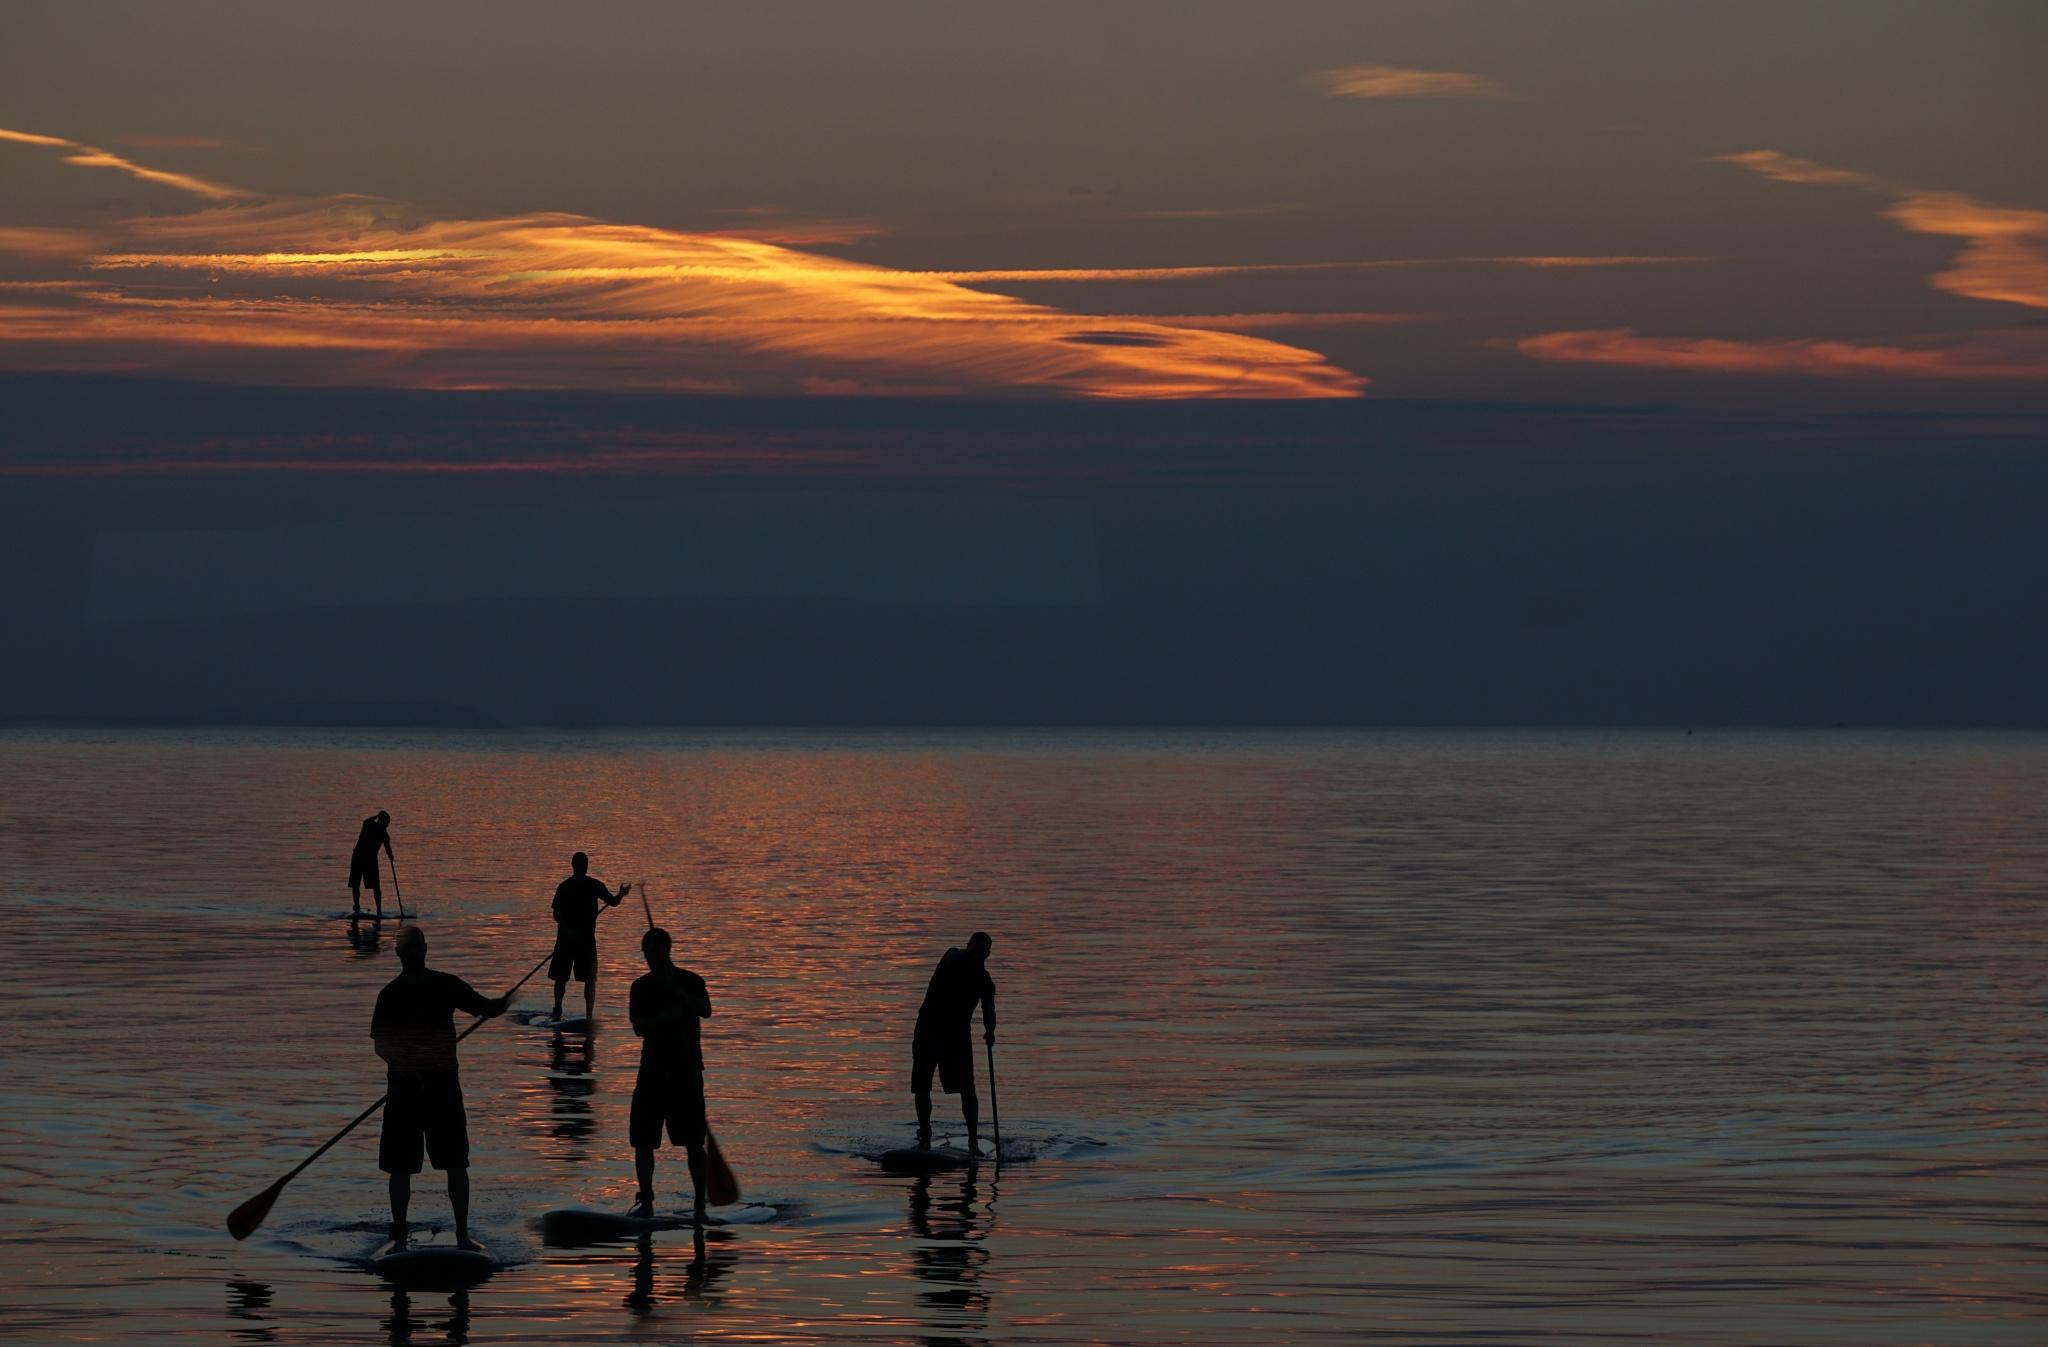 After sunset by Klavs Nielsen